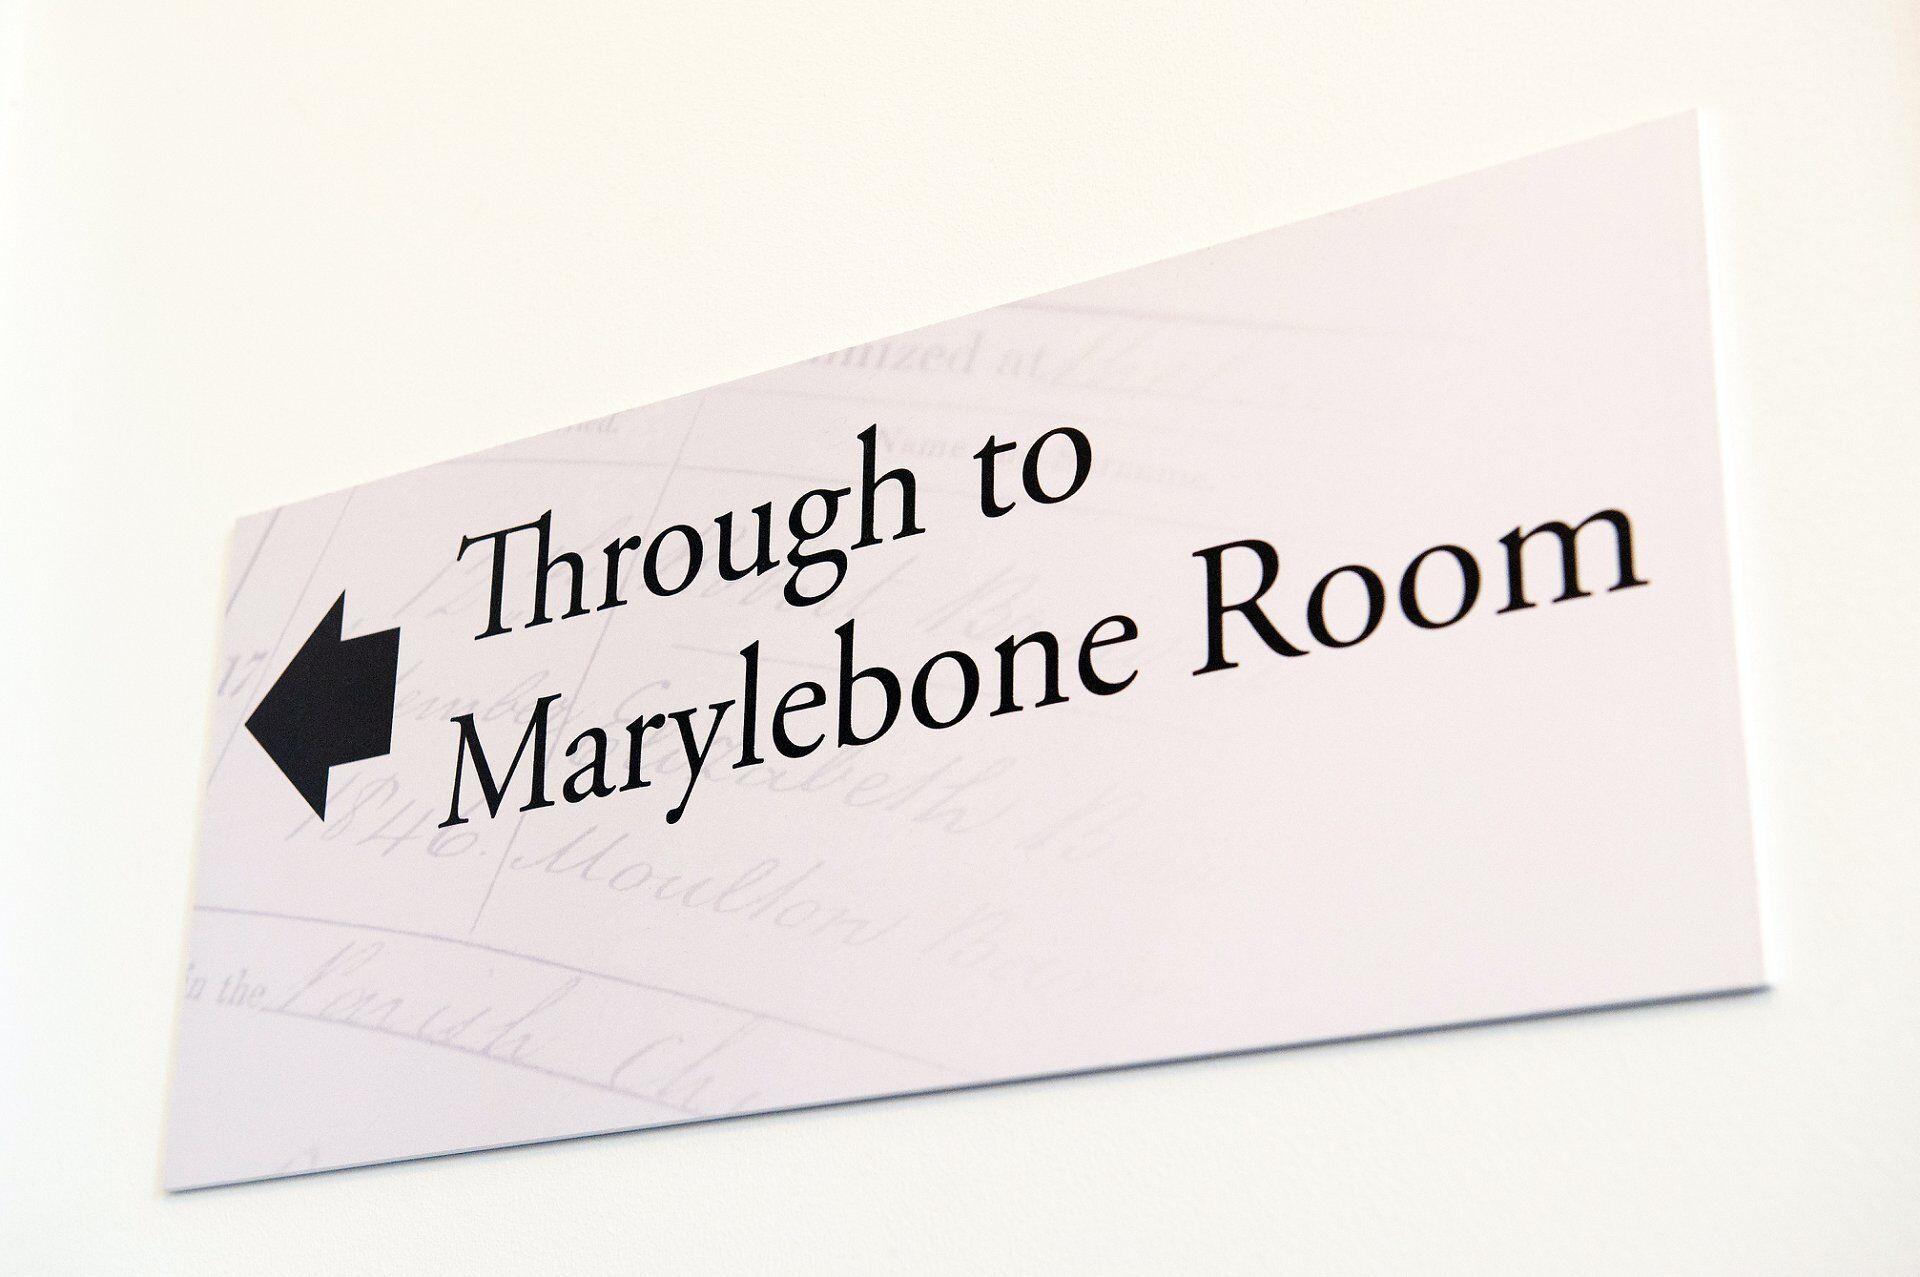 marylebone room mayfair library